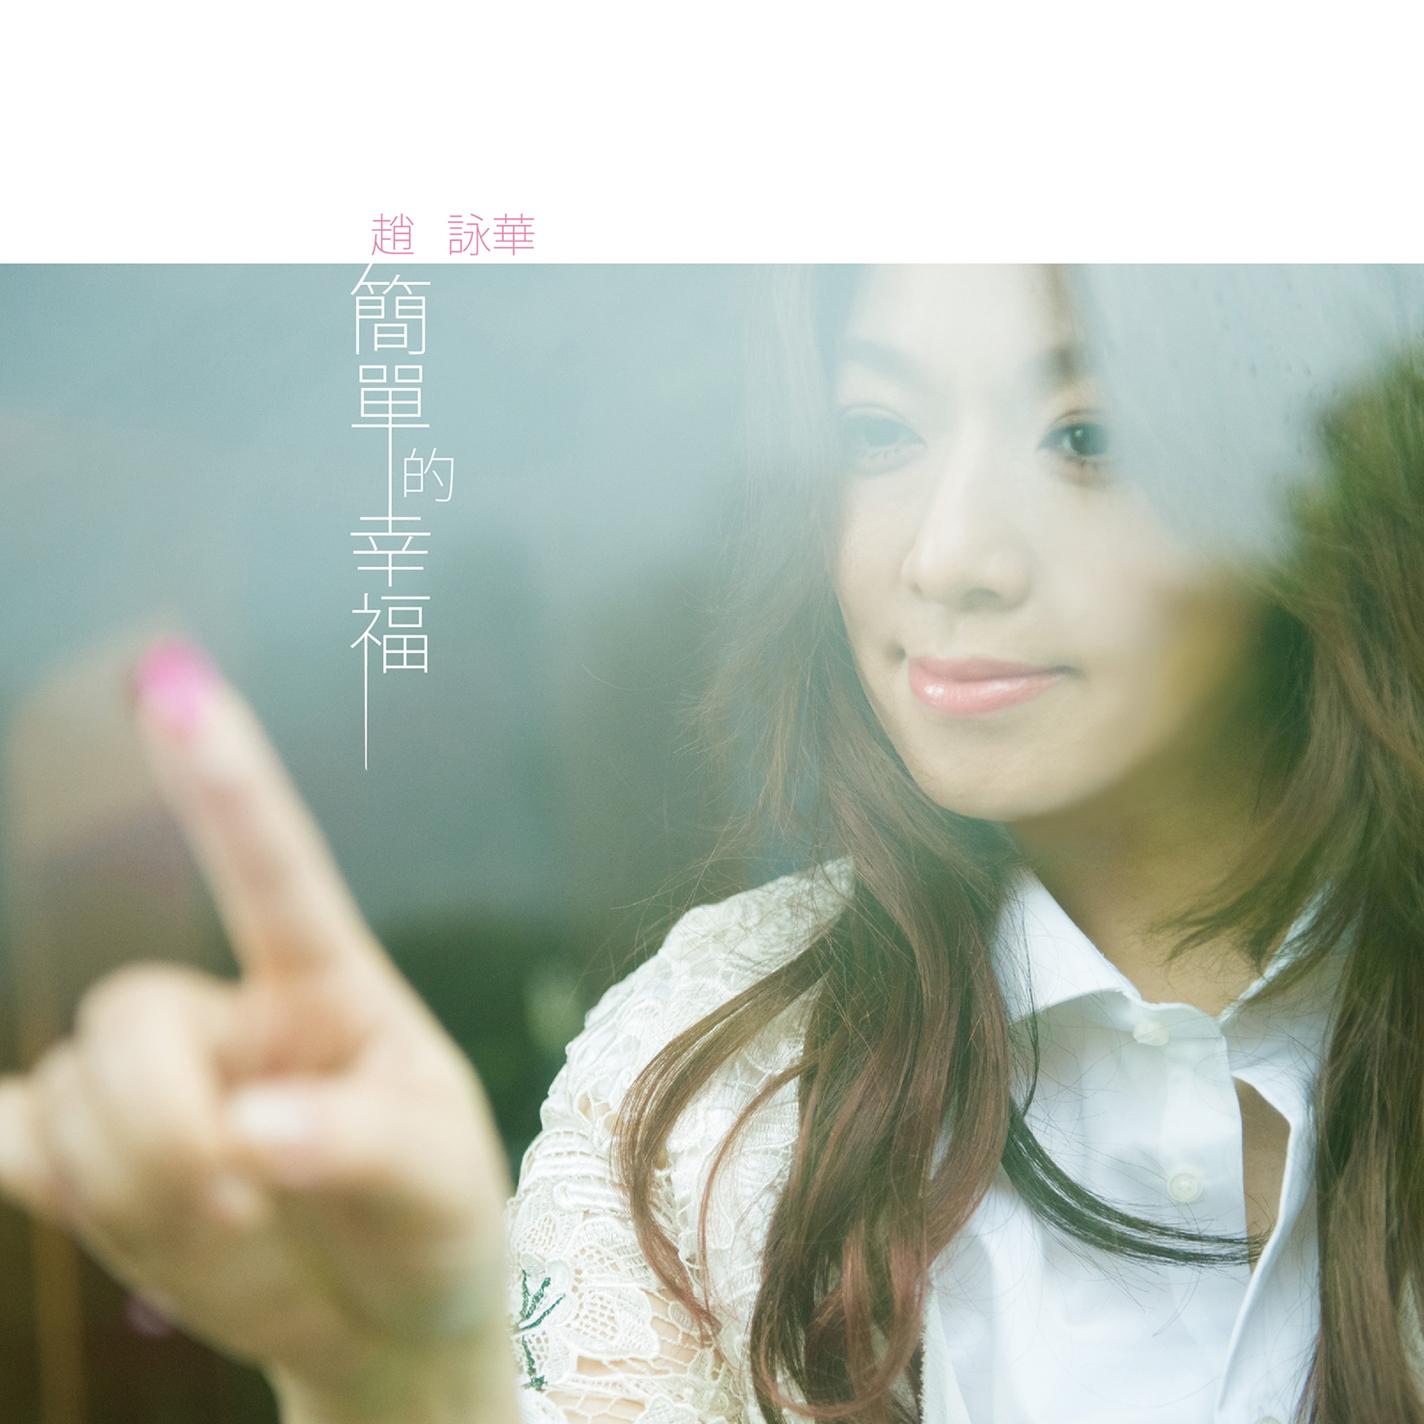 赵咏华 -《简单的幸福》2013[FLAC]迅雷虾米音乐下载